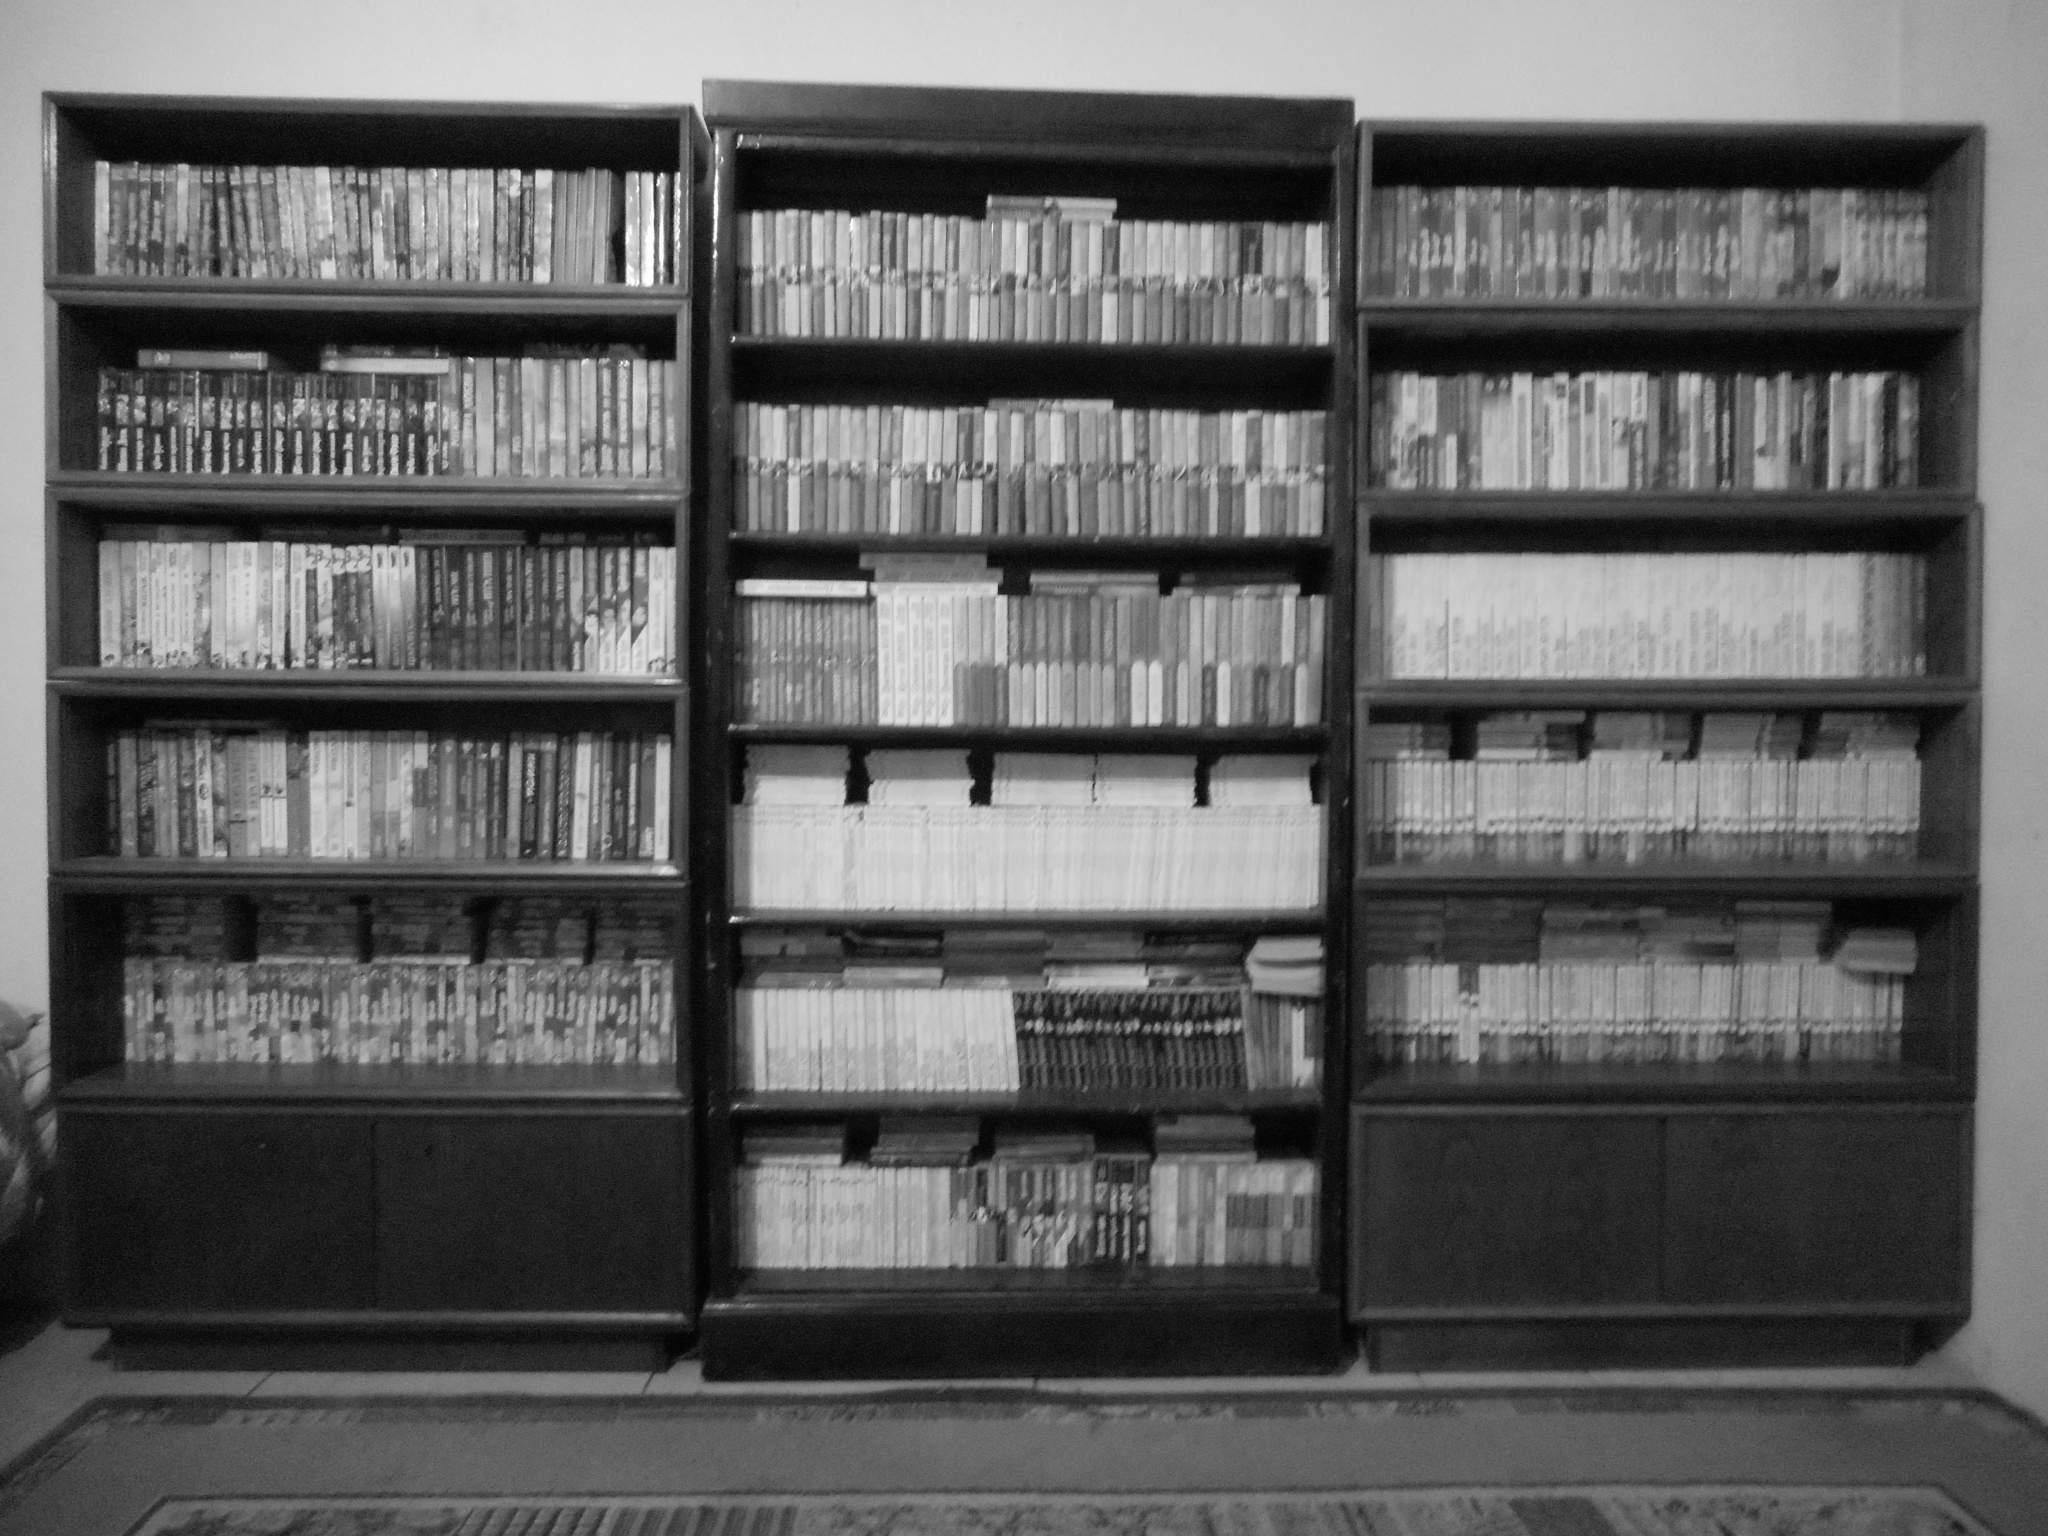 Библиотеки любовного романа и эротики